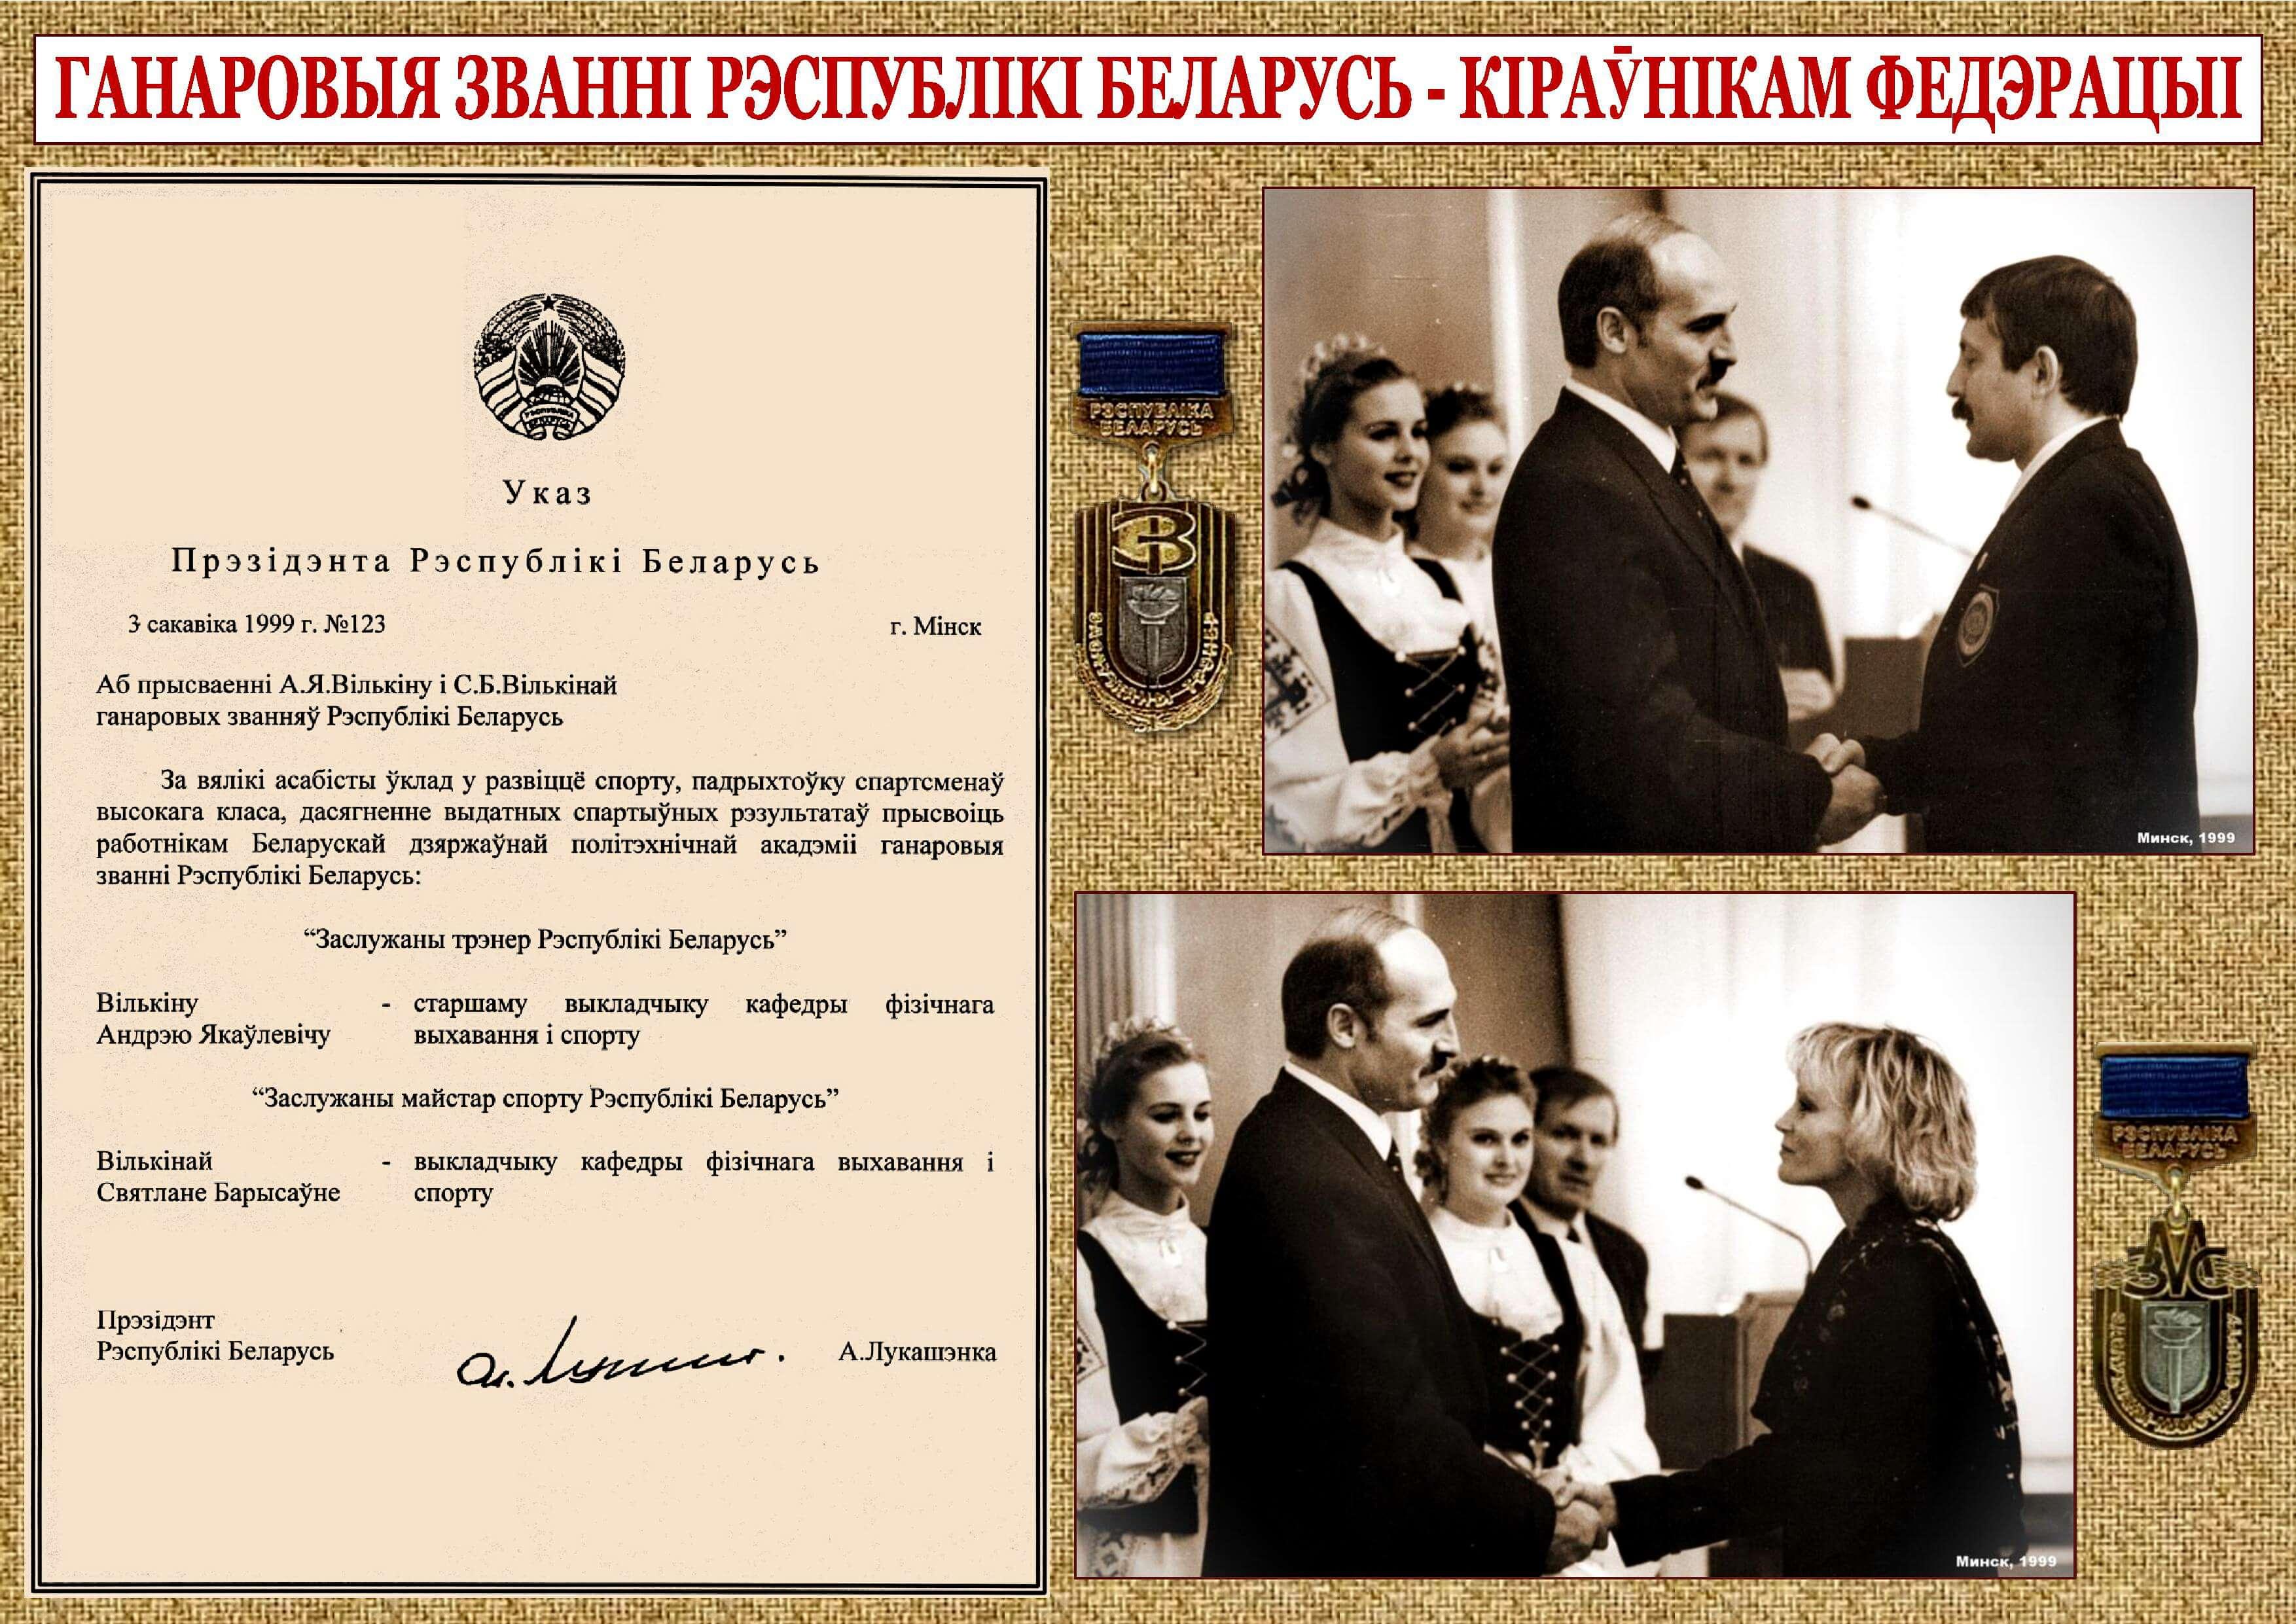 БФШК Почетные звания-1999